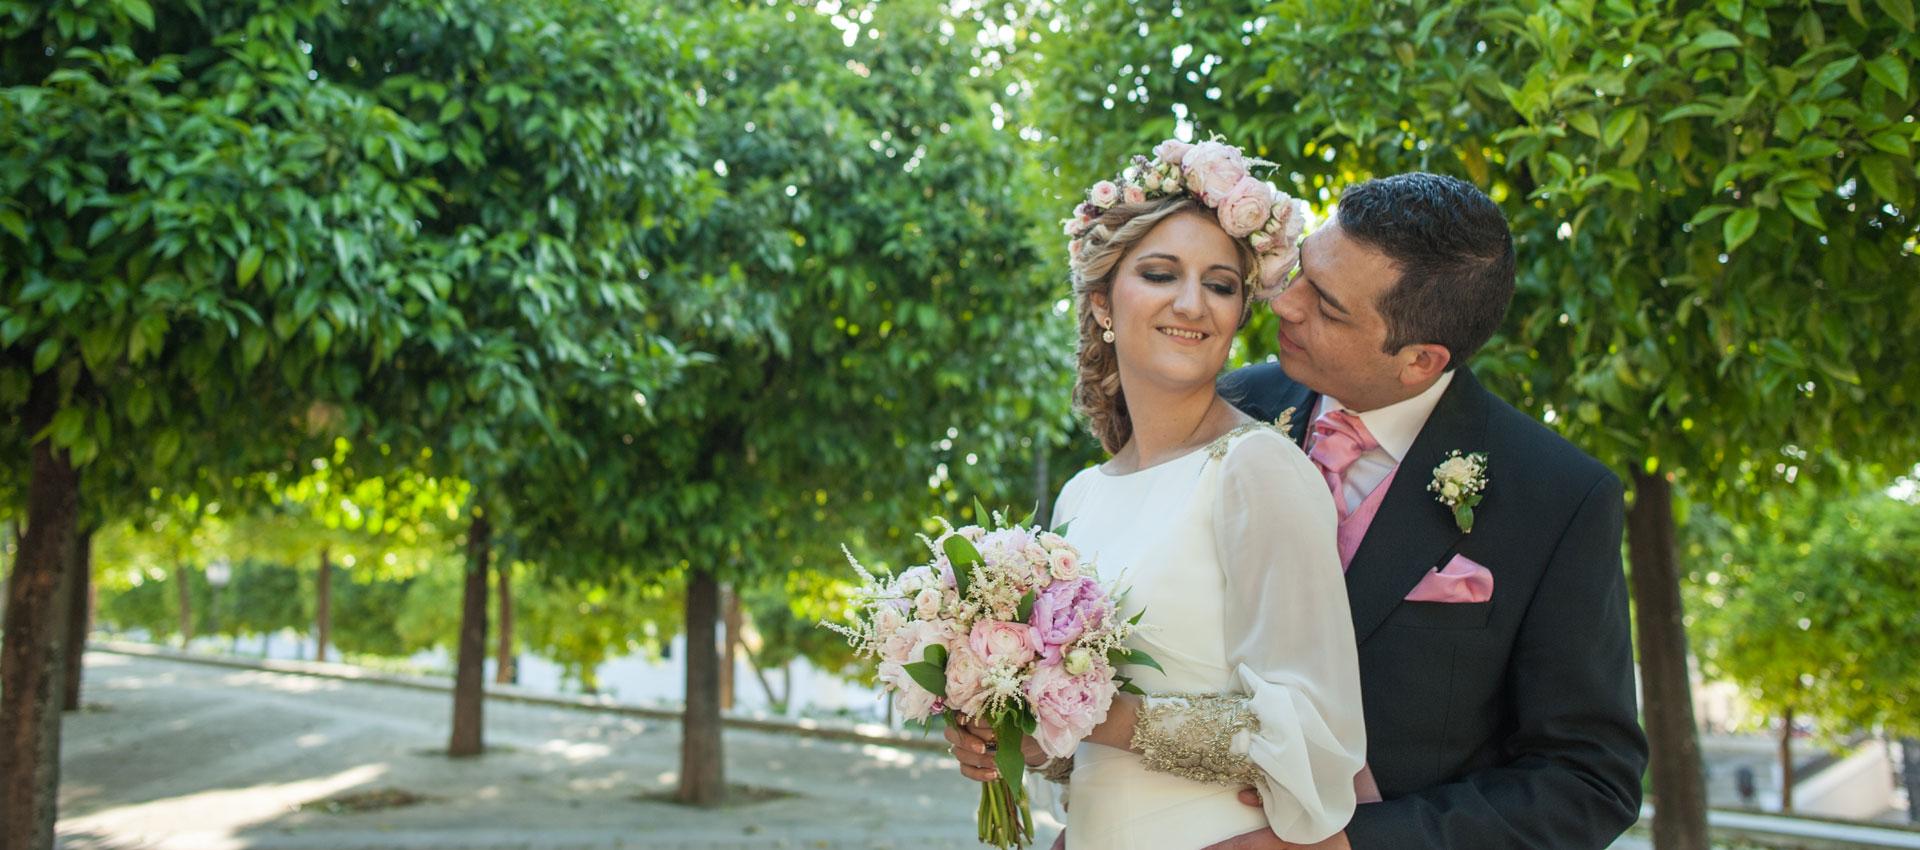 M-Y-K-ID Fotografía de Boda - video boda cadiz